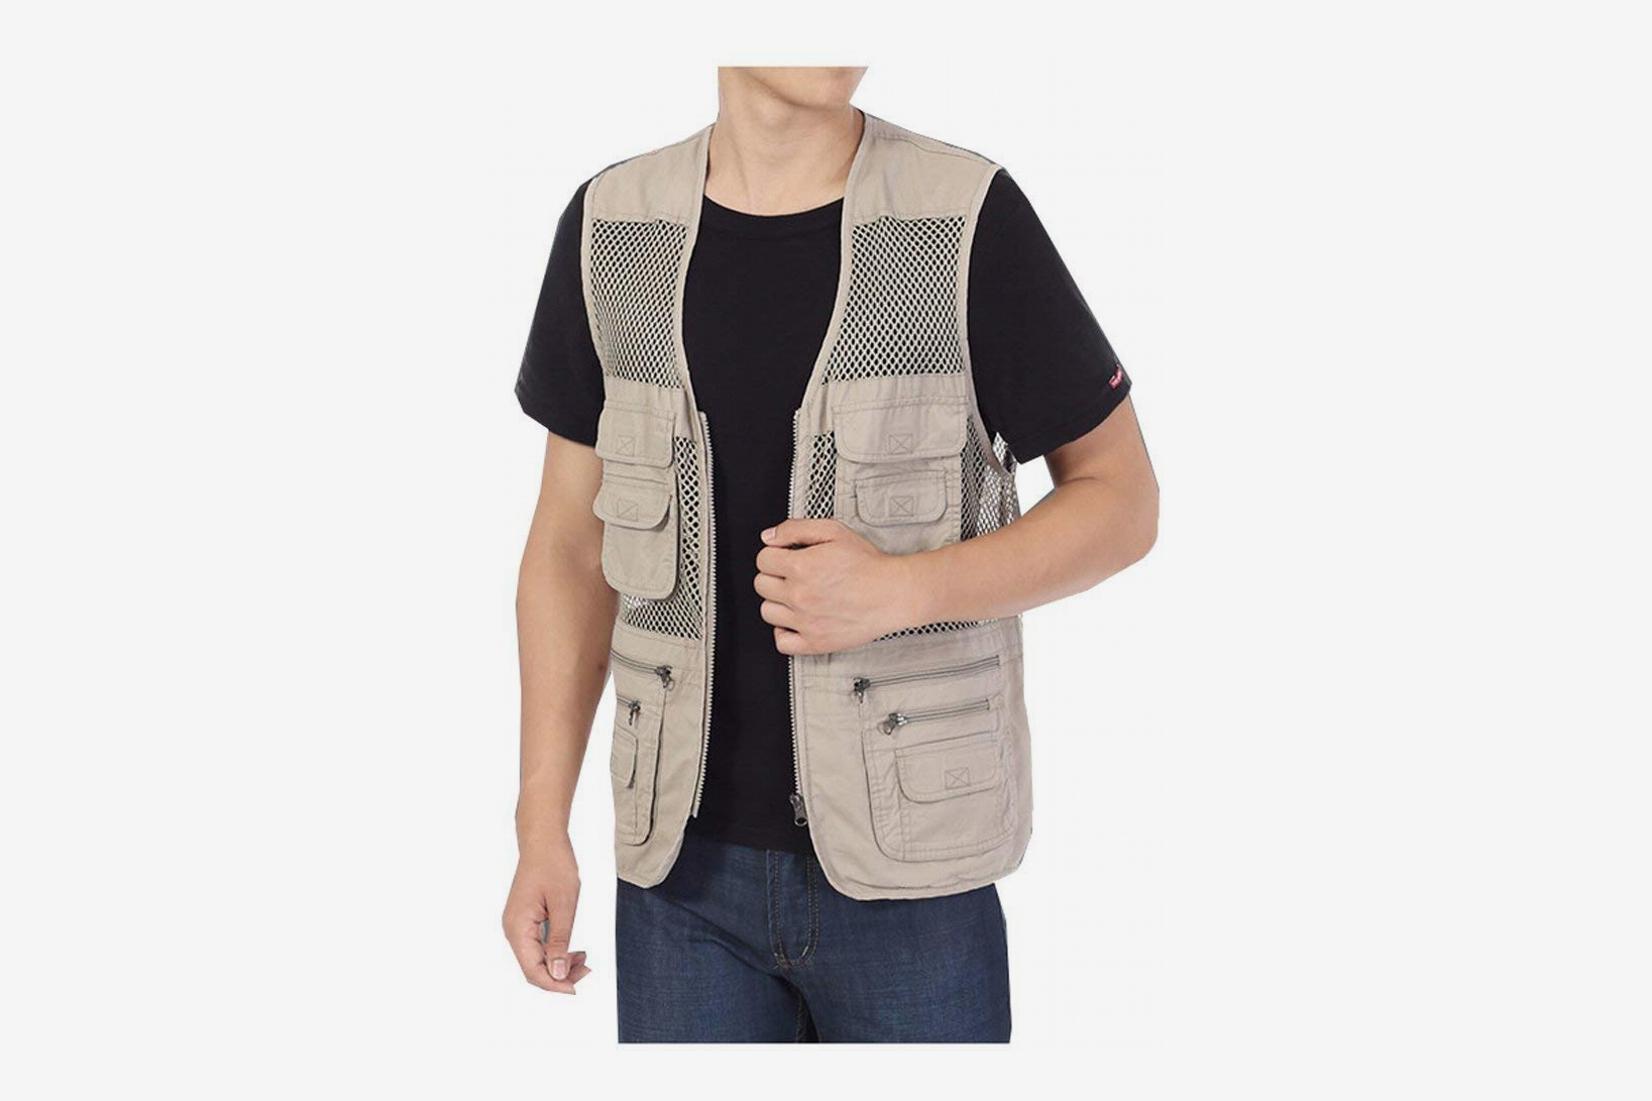 Kedera Men's Mesh Fishing Vest